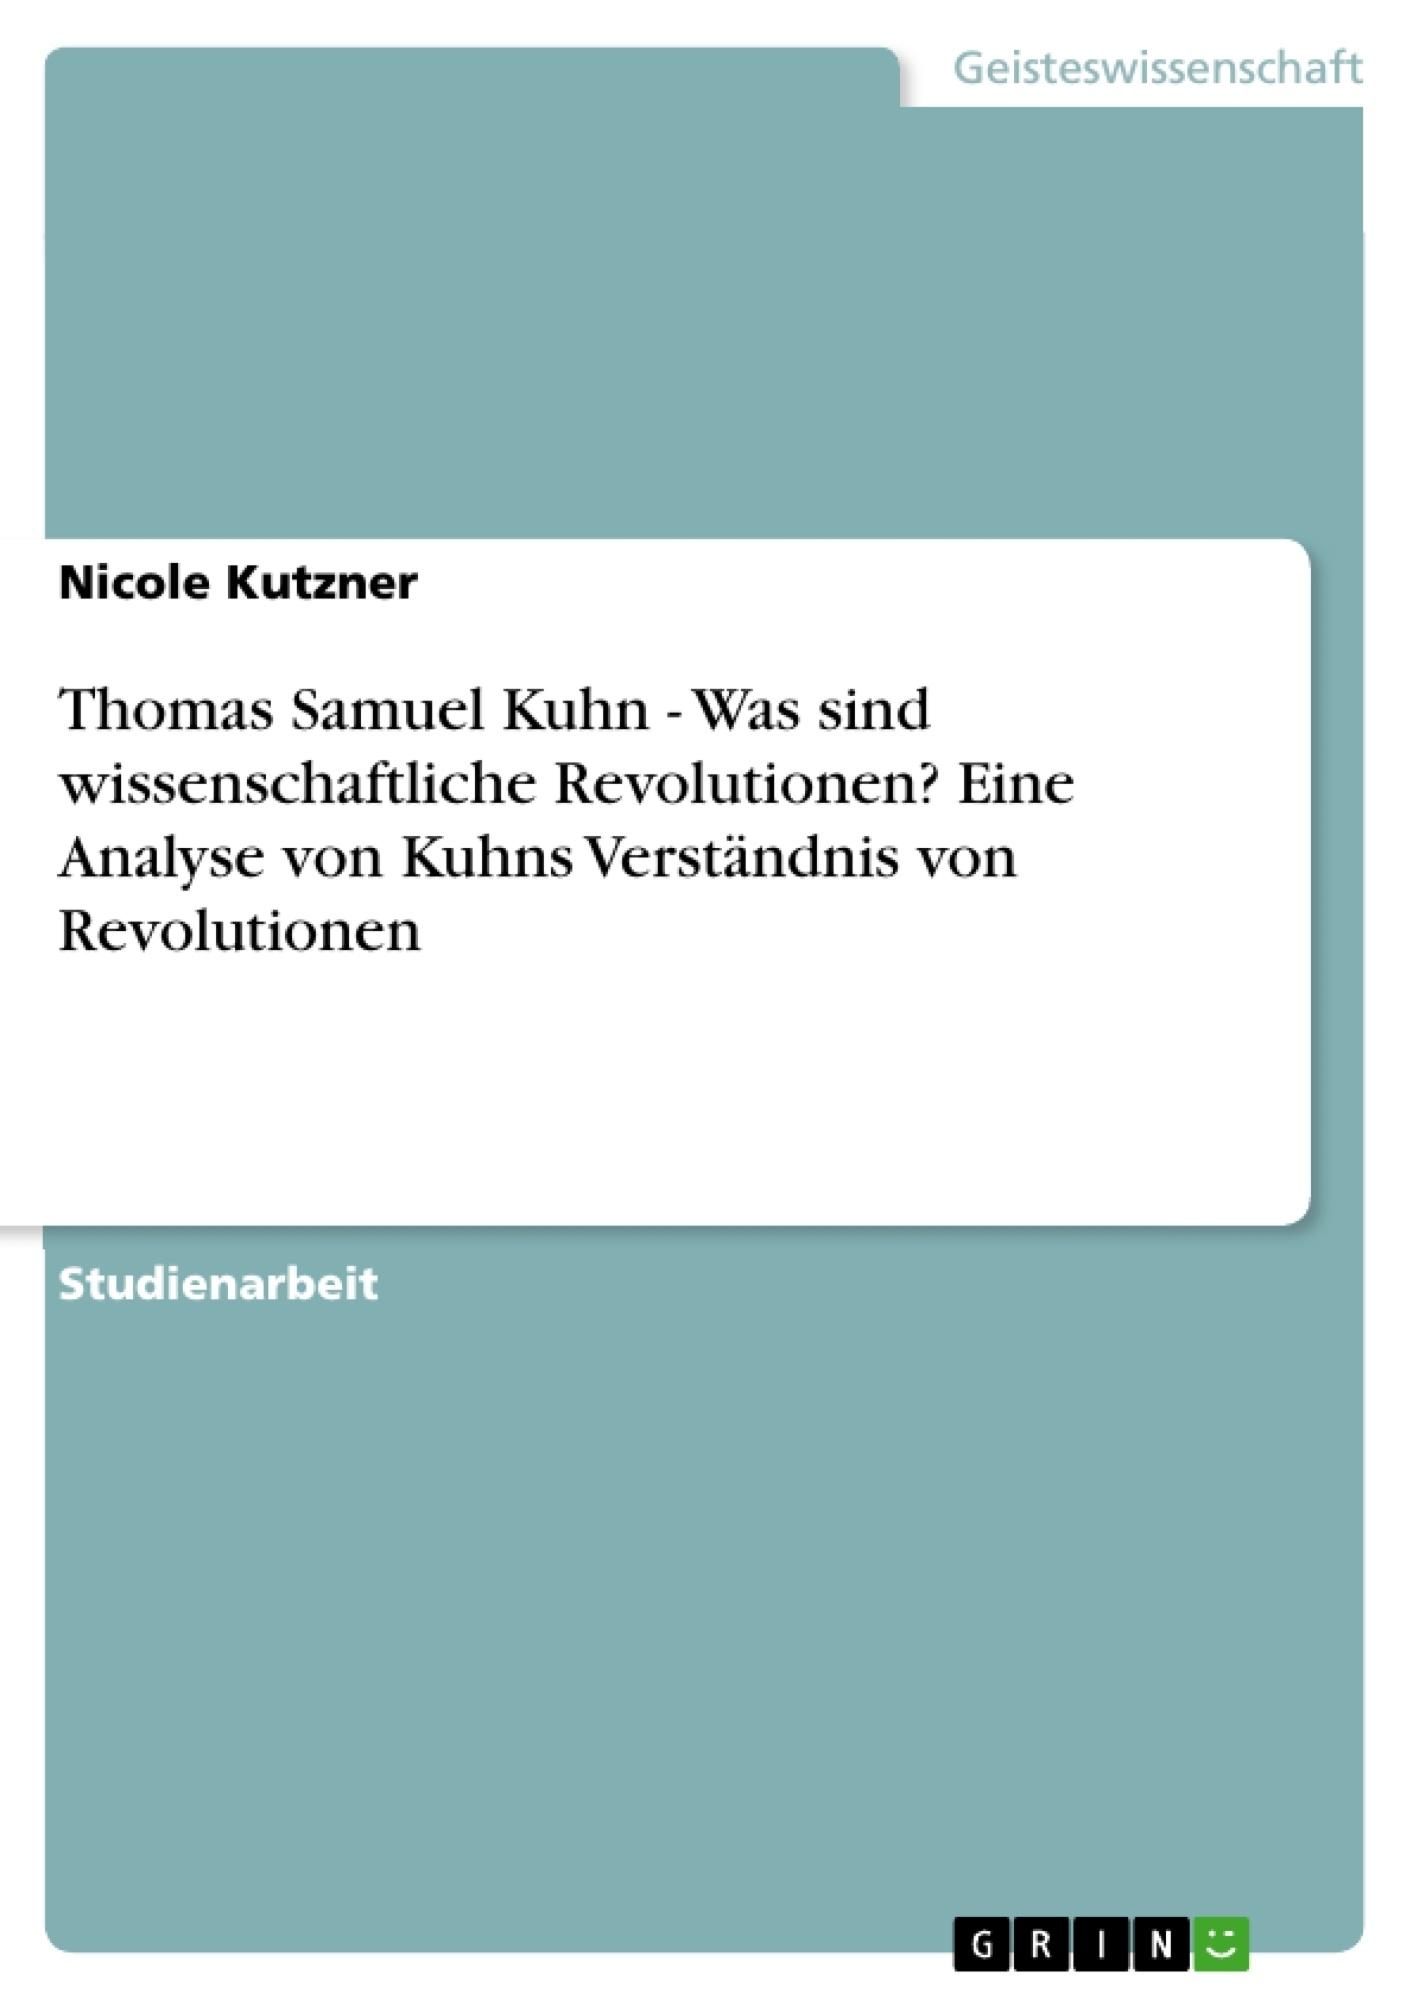 Titel: Thomas Samuel Kuhn - Was sind wissenschaftliche Revolutionen? Eine Analyse von Kuhns Verständnis von Revolutionen